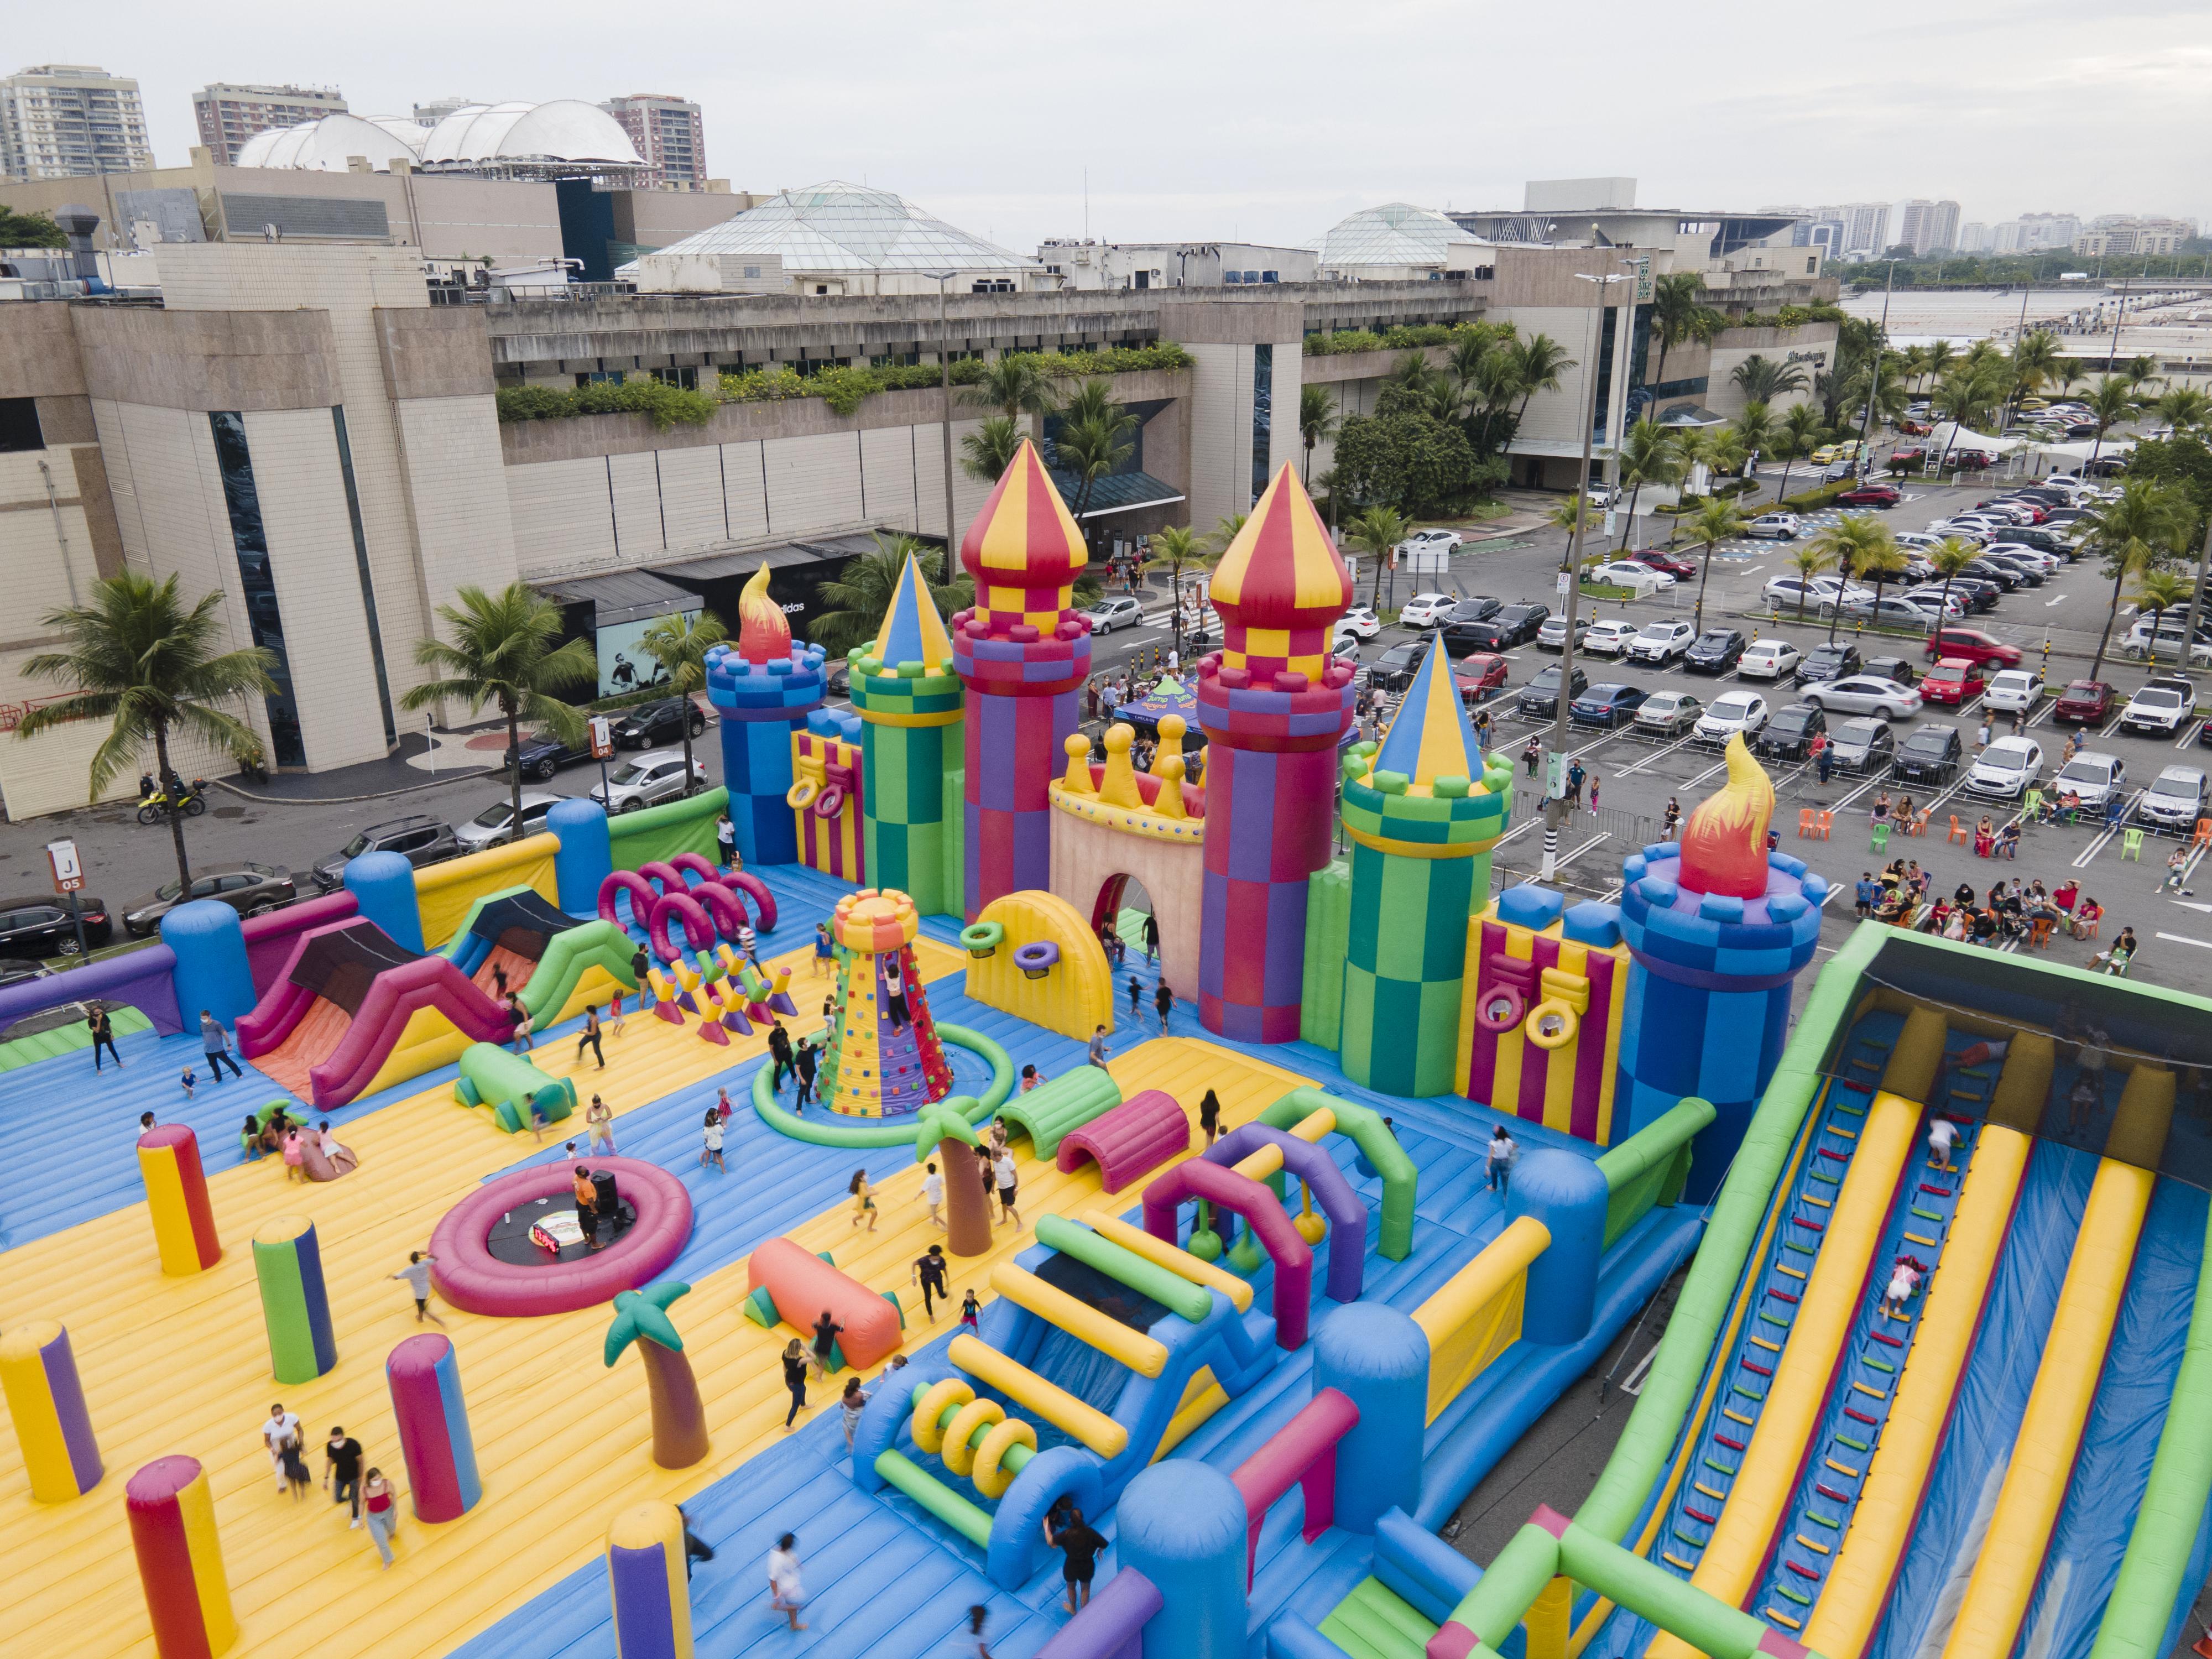 No estacionamento de um shopping, crianças brincam em uma estrutura inflável em formato de castelo colorida. Há carros em volta